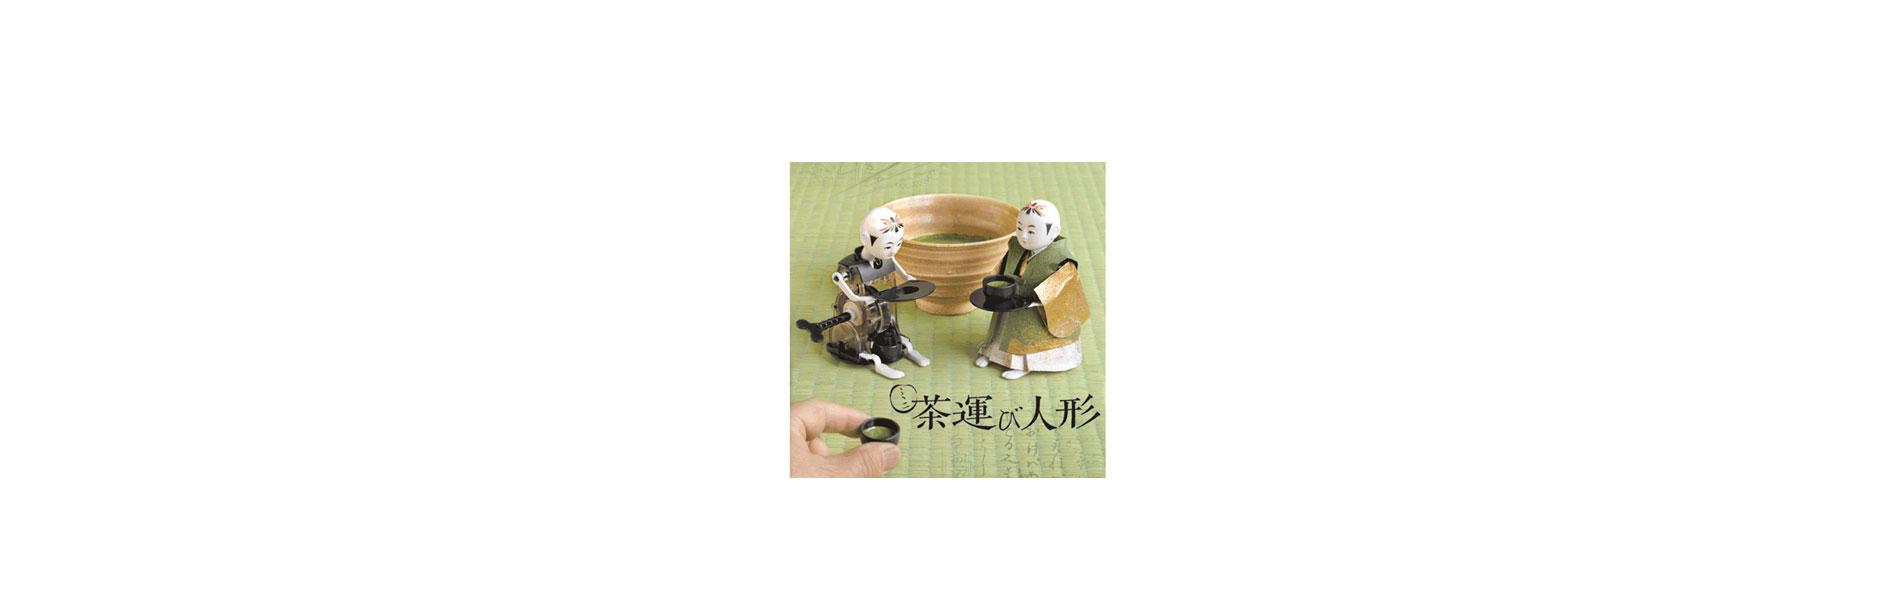 ミニ茶運び人形